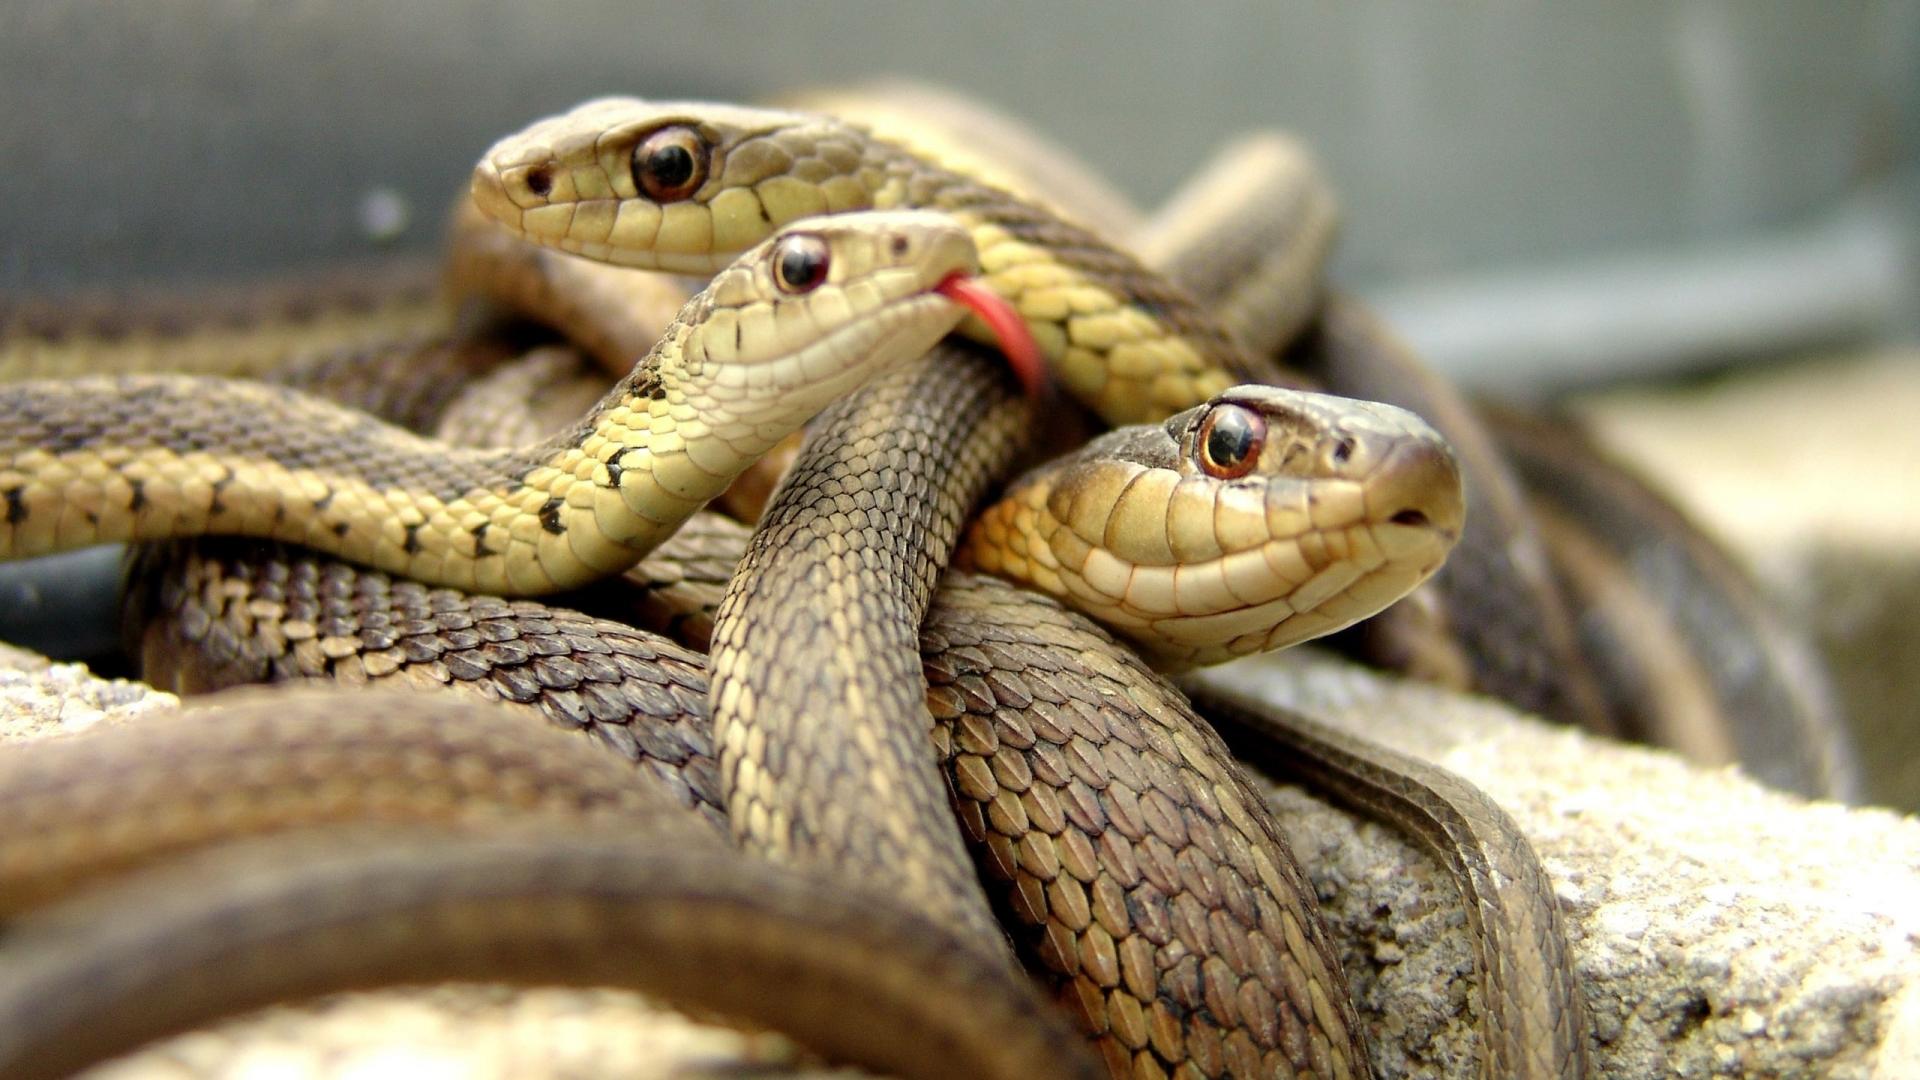 Familias de serpientes - 1920x1080